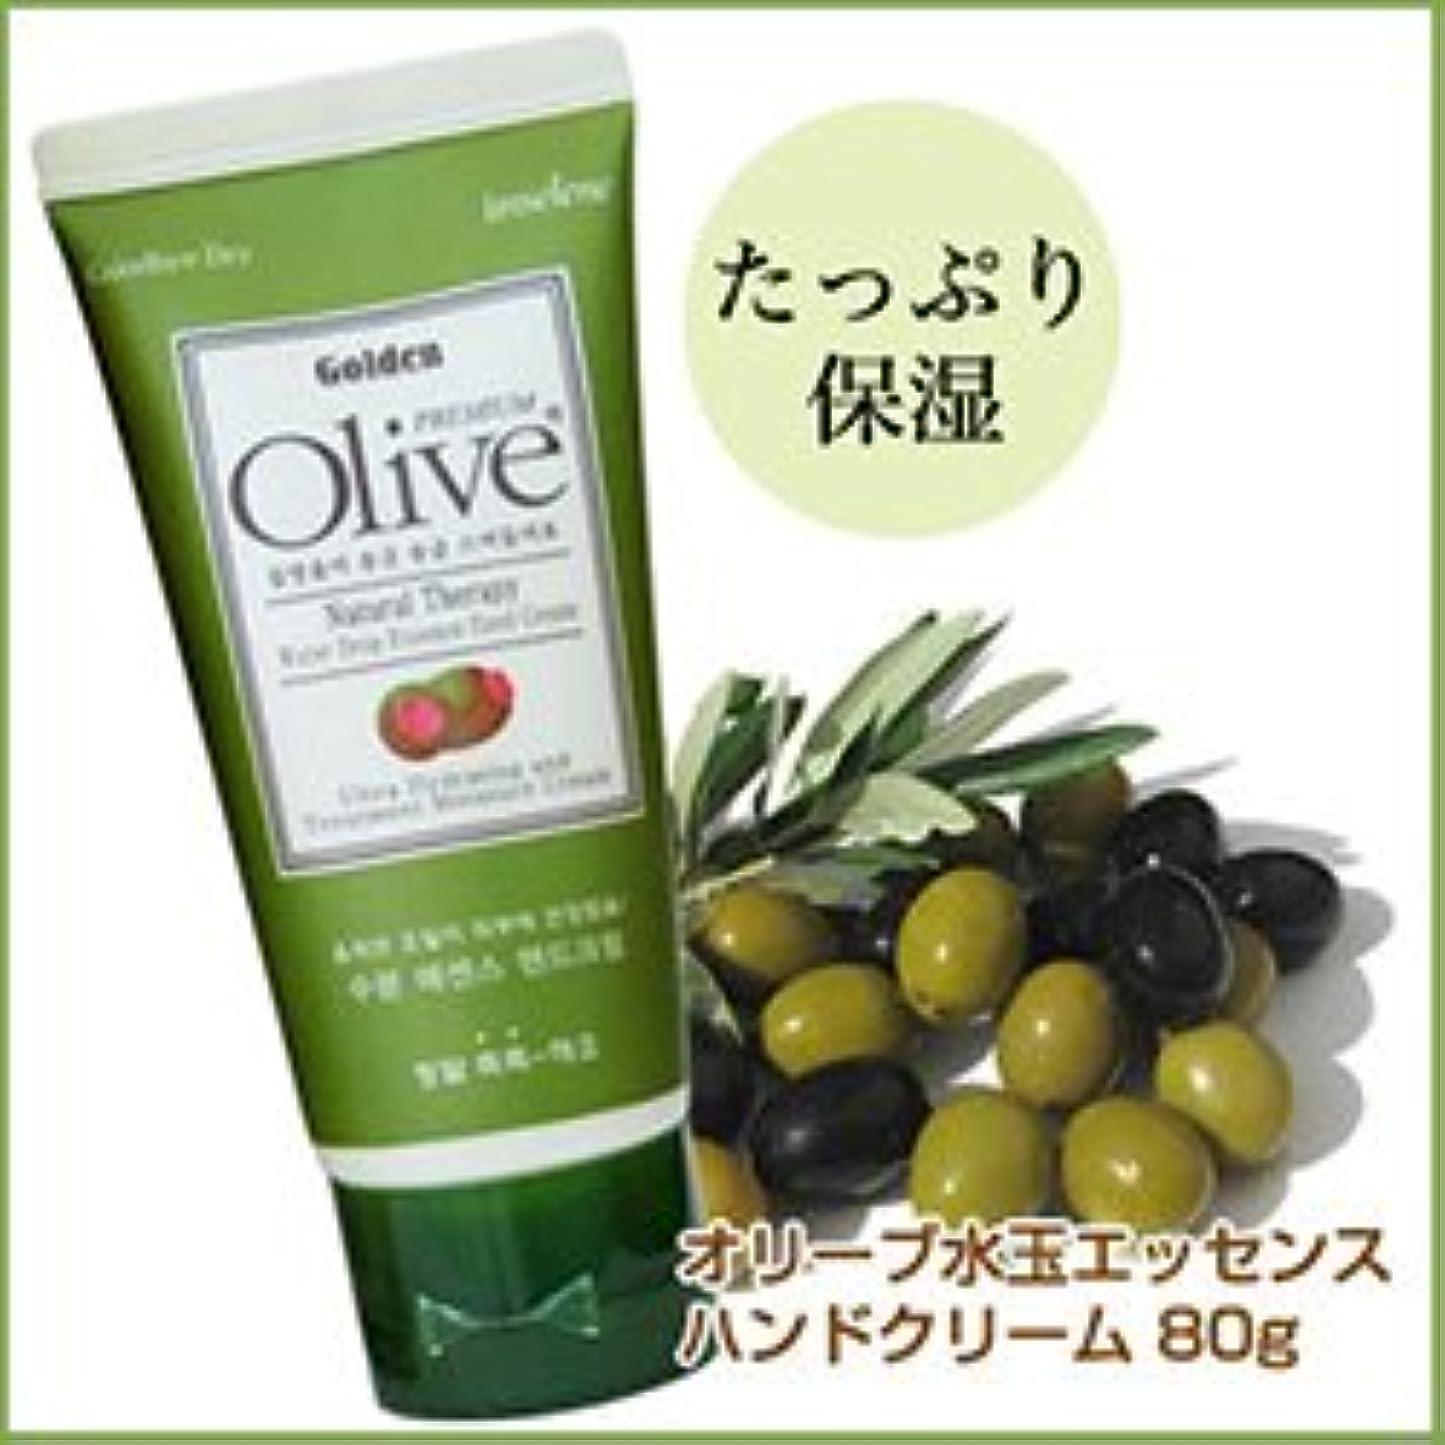 計算しっかり八【韓国コスメ】天然オリーブオイル ハンドクリーム80g